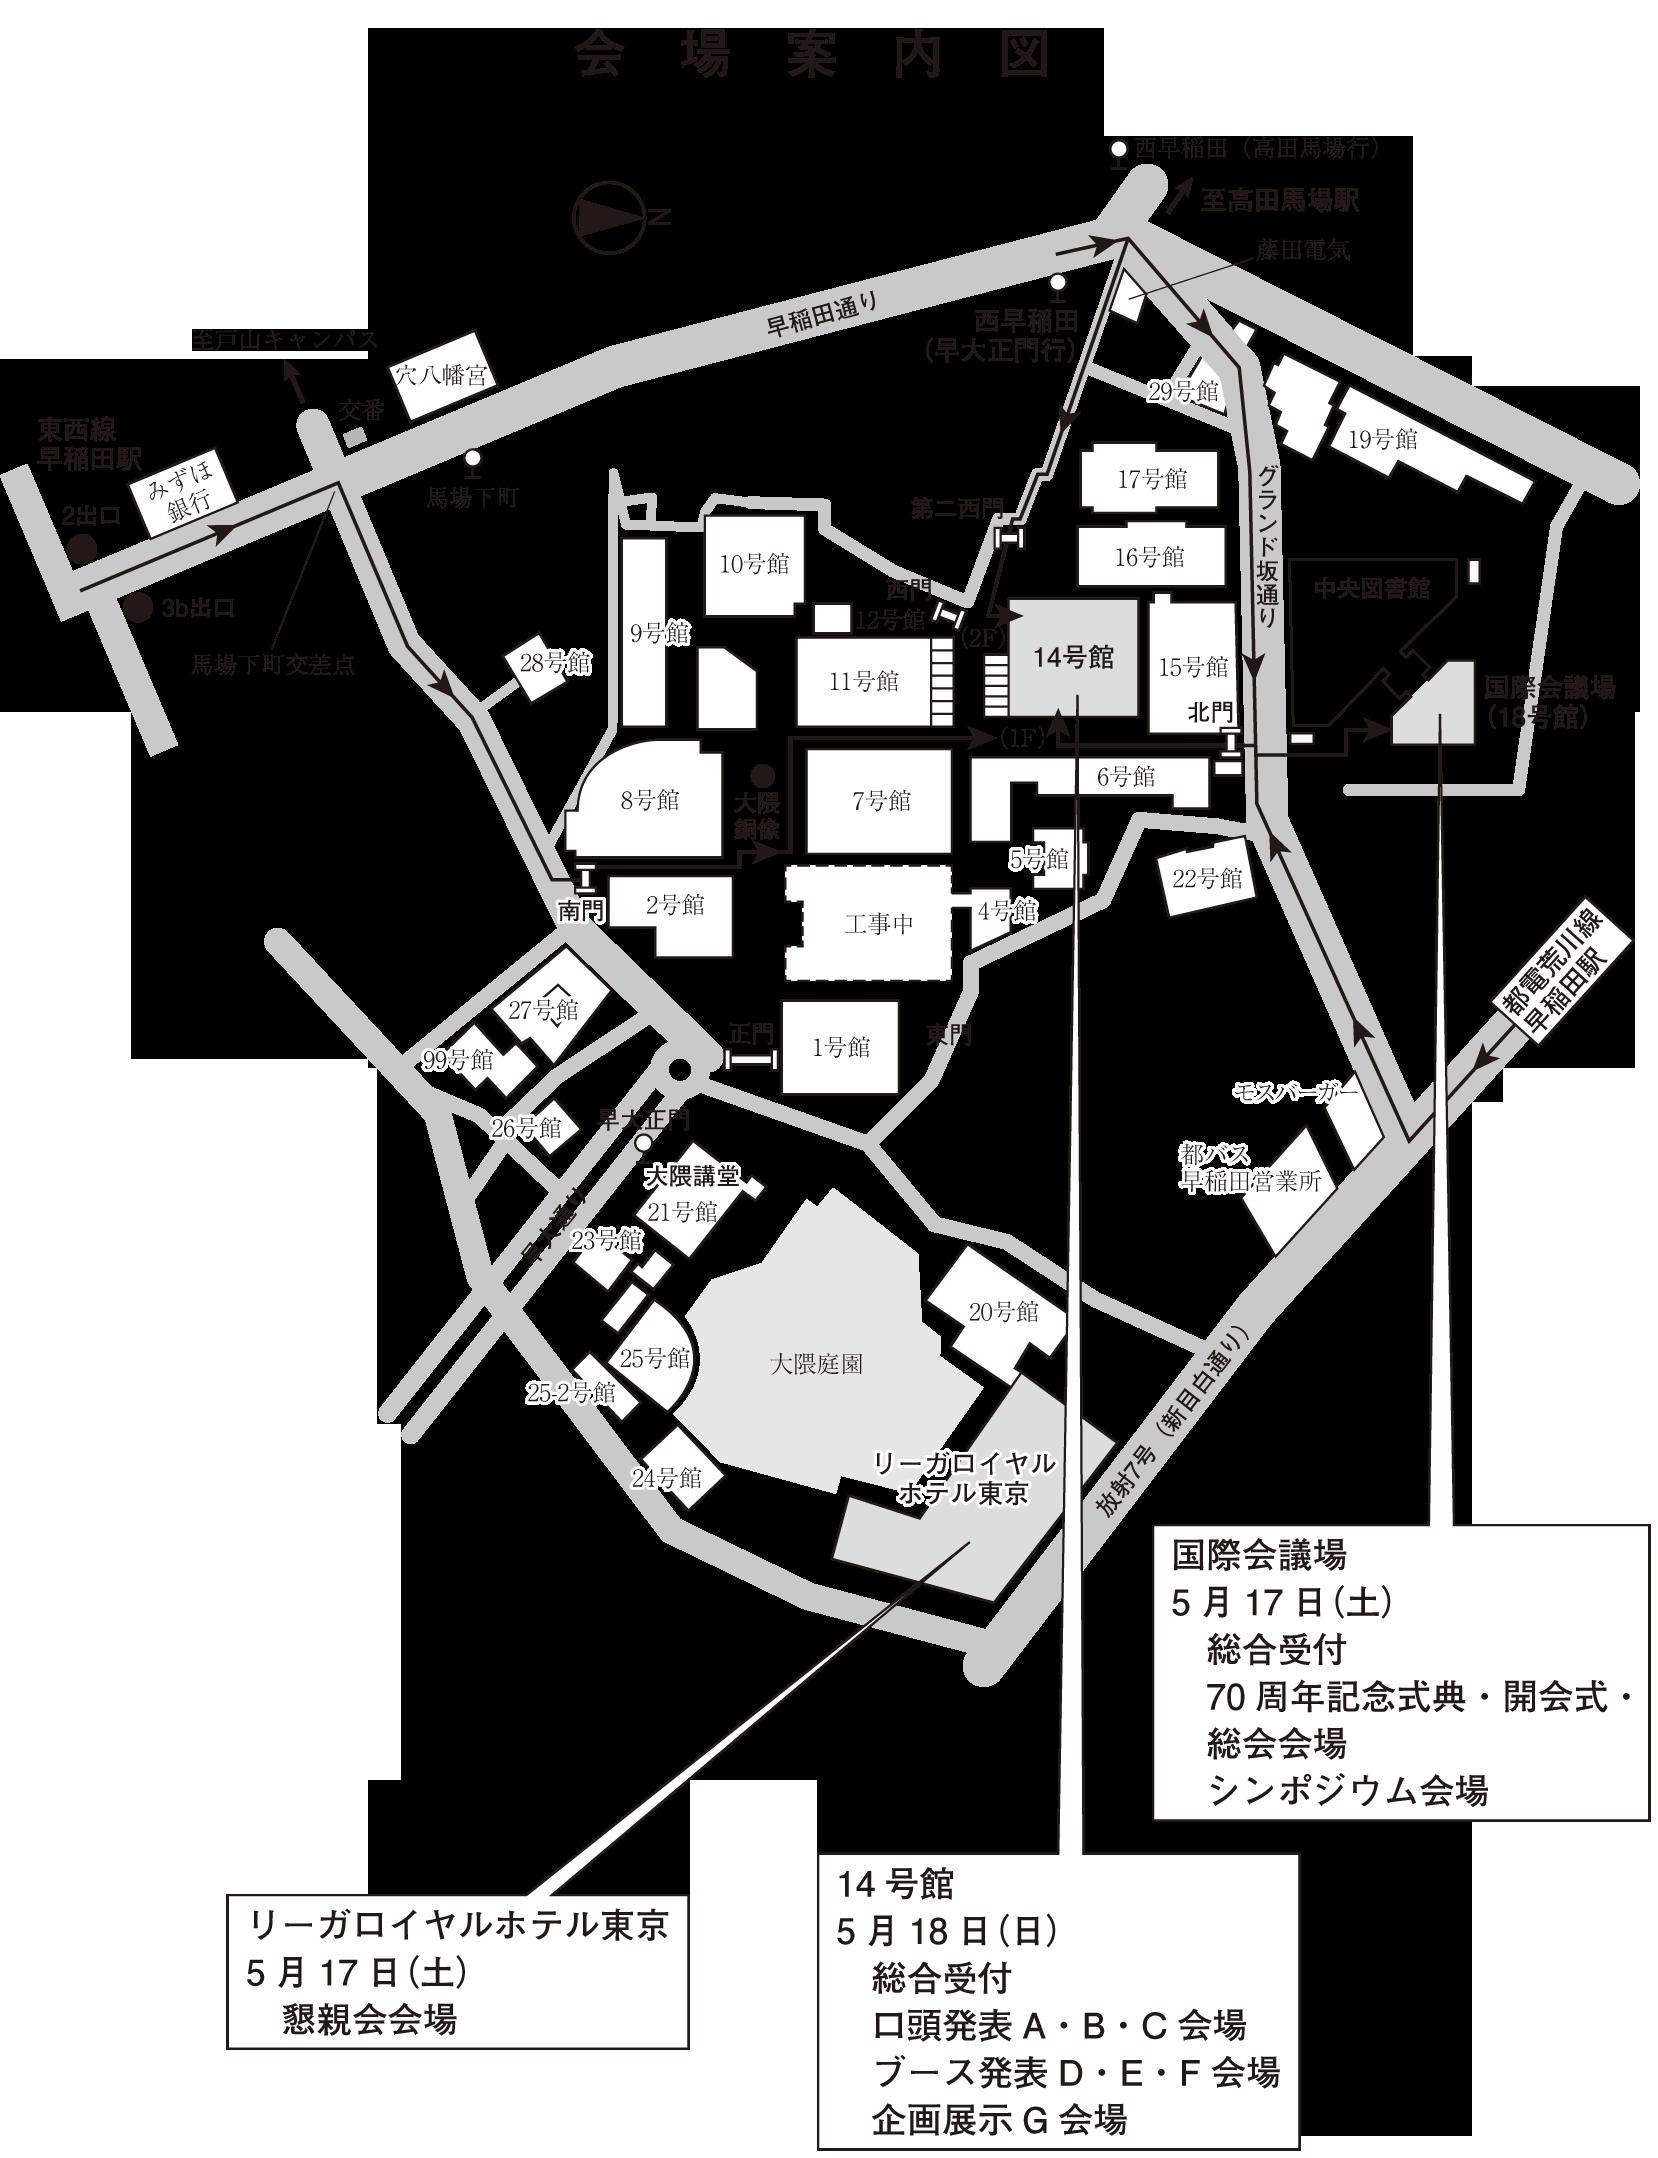 2014春季学会会場案内図